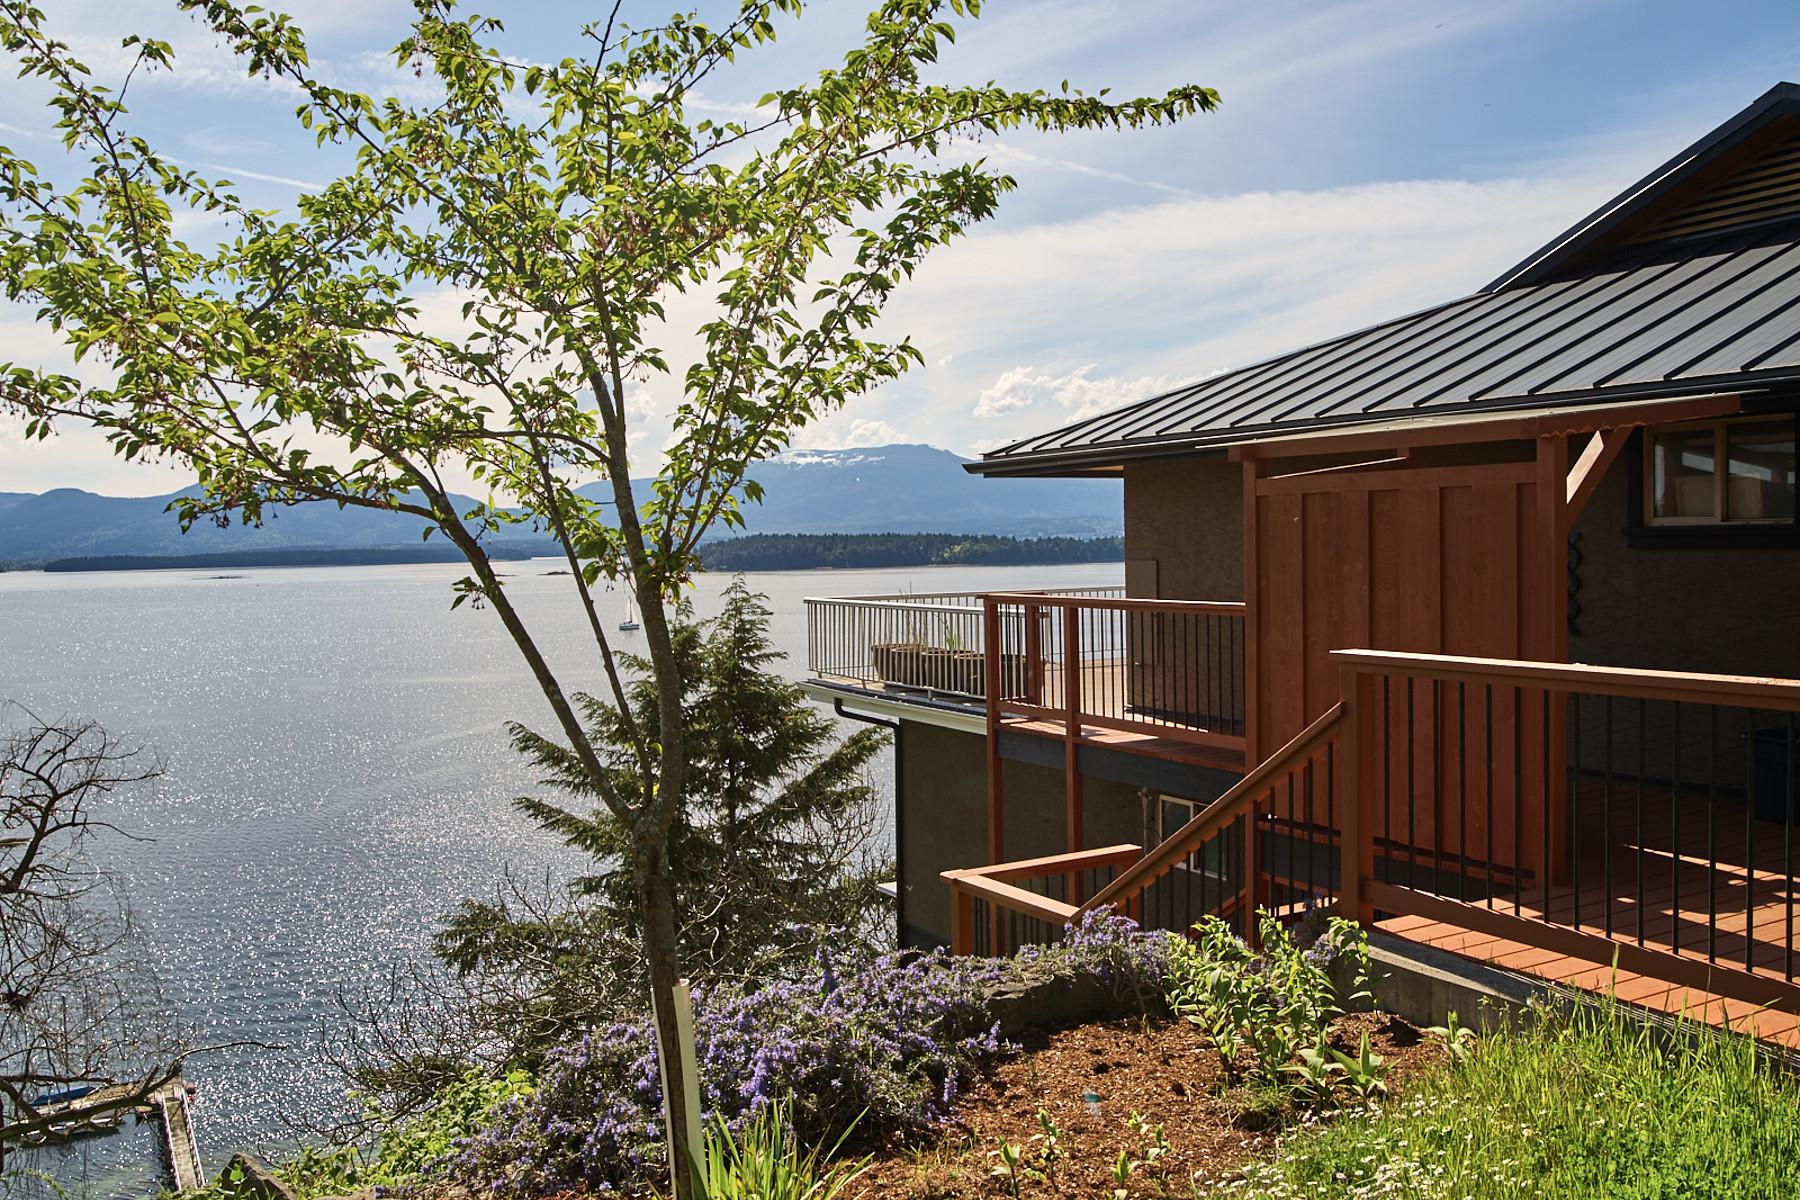 独户住宅 为 销售 在 Stonecutter's Rest 170 Simson Road, 盐泉岛, 不列颠哥伦比亚省, V8K 1E2 加拿大